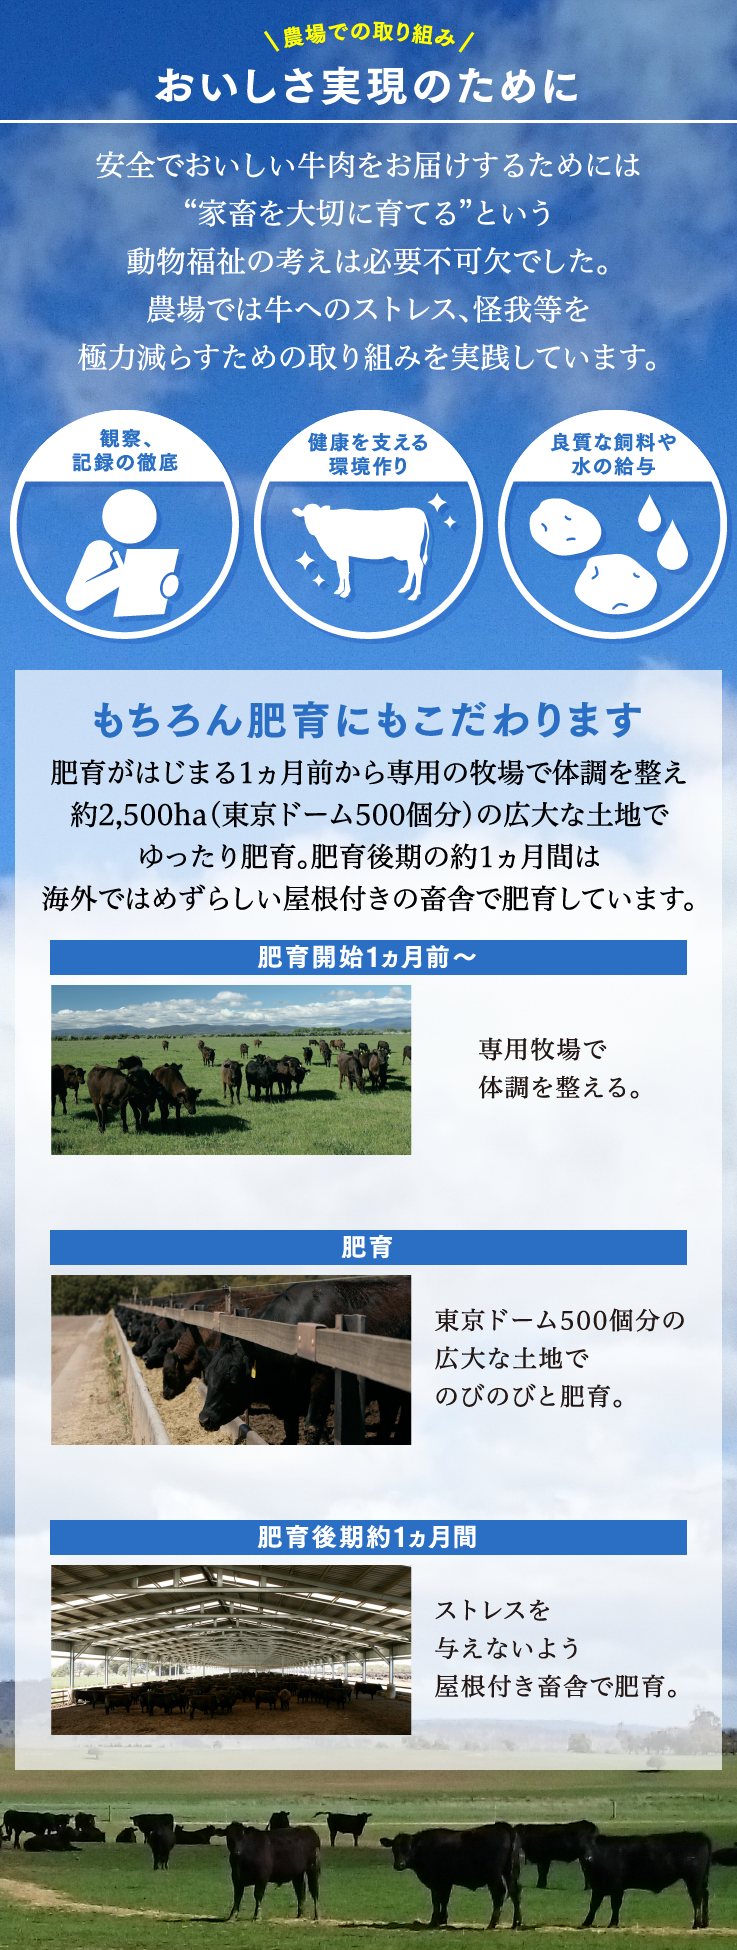 """農場での取り組みおいしさ実現のために安全でおいしい牛肉をお届けするためには""""家畜を大切に育てる""""という動物福祉の考えは必要不可欠でした。農場では牛へのストレス、怪我等を極力減らすための取り組みを実践しています。観察、記録の徹底健康を支える環境作り良質な飼料や水の給与もちろん肥育にもこだわります肥育がはじまる1か月前から専用の牧場で体調を整え約2,500ha(東京ドーム500個分)の広大な土地でゆったり肥育。肥育後期の約1ヵ月間は海外ではめずらしい屋根付きの畜舎で肥育しています。肥育開始1ヵ月前~専用牧場で体調を整える。肥育東京ドーム500個分の広大な土地でのびのびと肥育。肥育後期約1ヵ月間ストレスを与えないよう屋根付き畜舎で肥育。"""